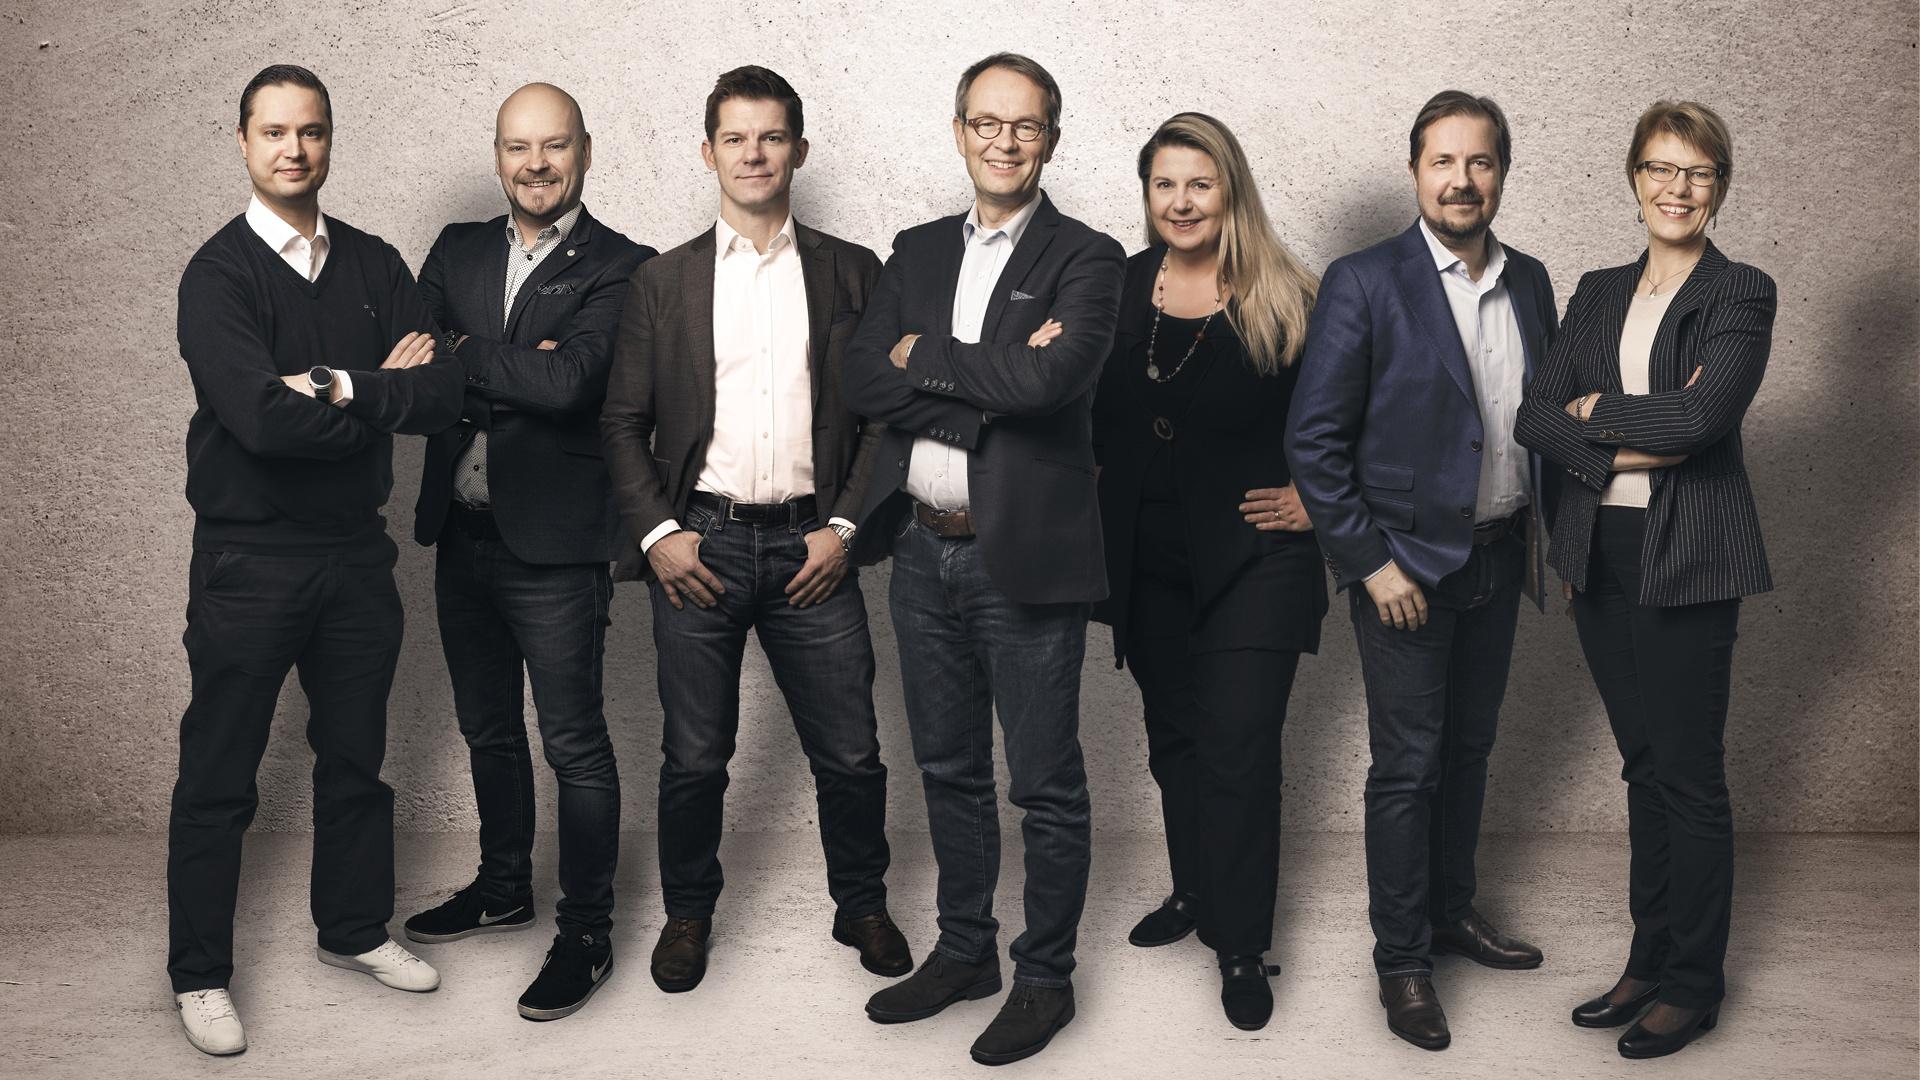 Grano Johtoryhmä